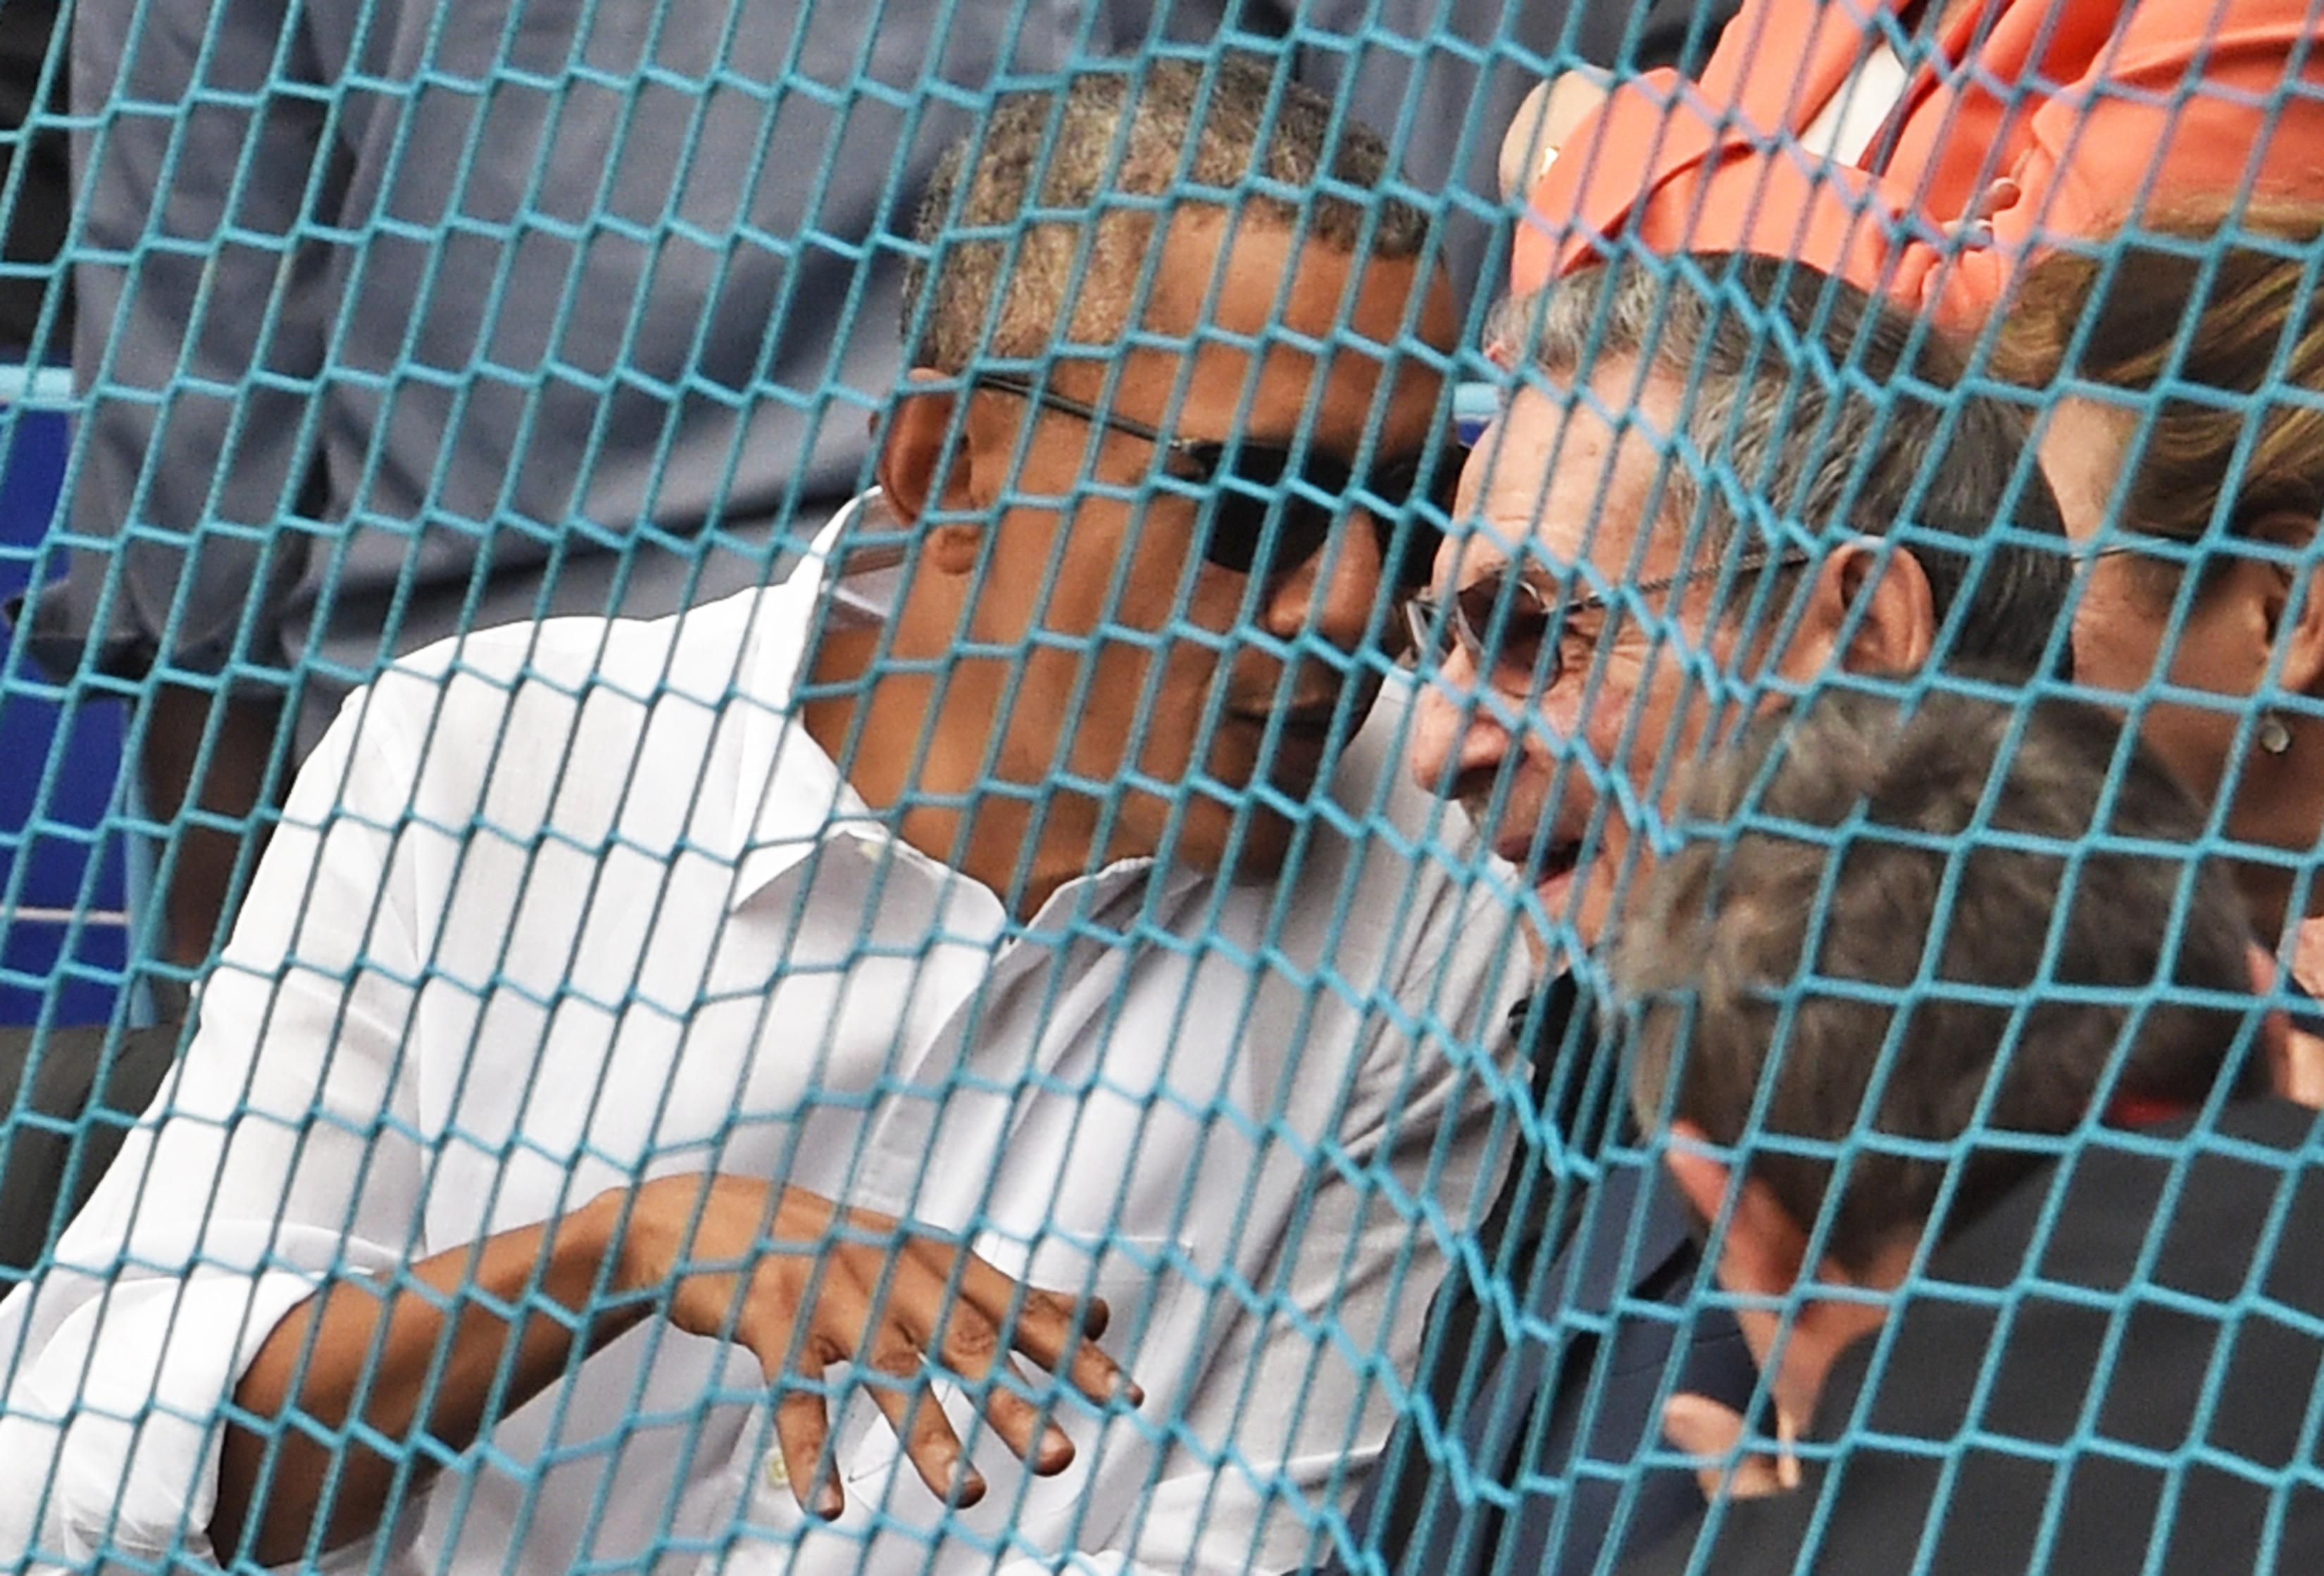 O presidente dos Estados Unidos, Barack Obama, e o presidente cubano Raúl Castro em jogo de baseball